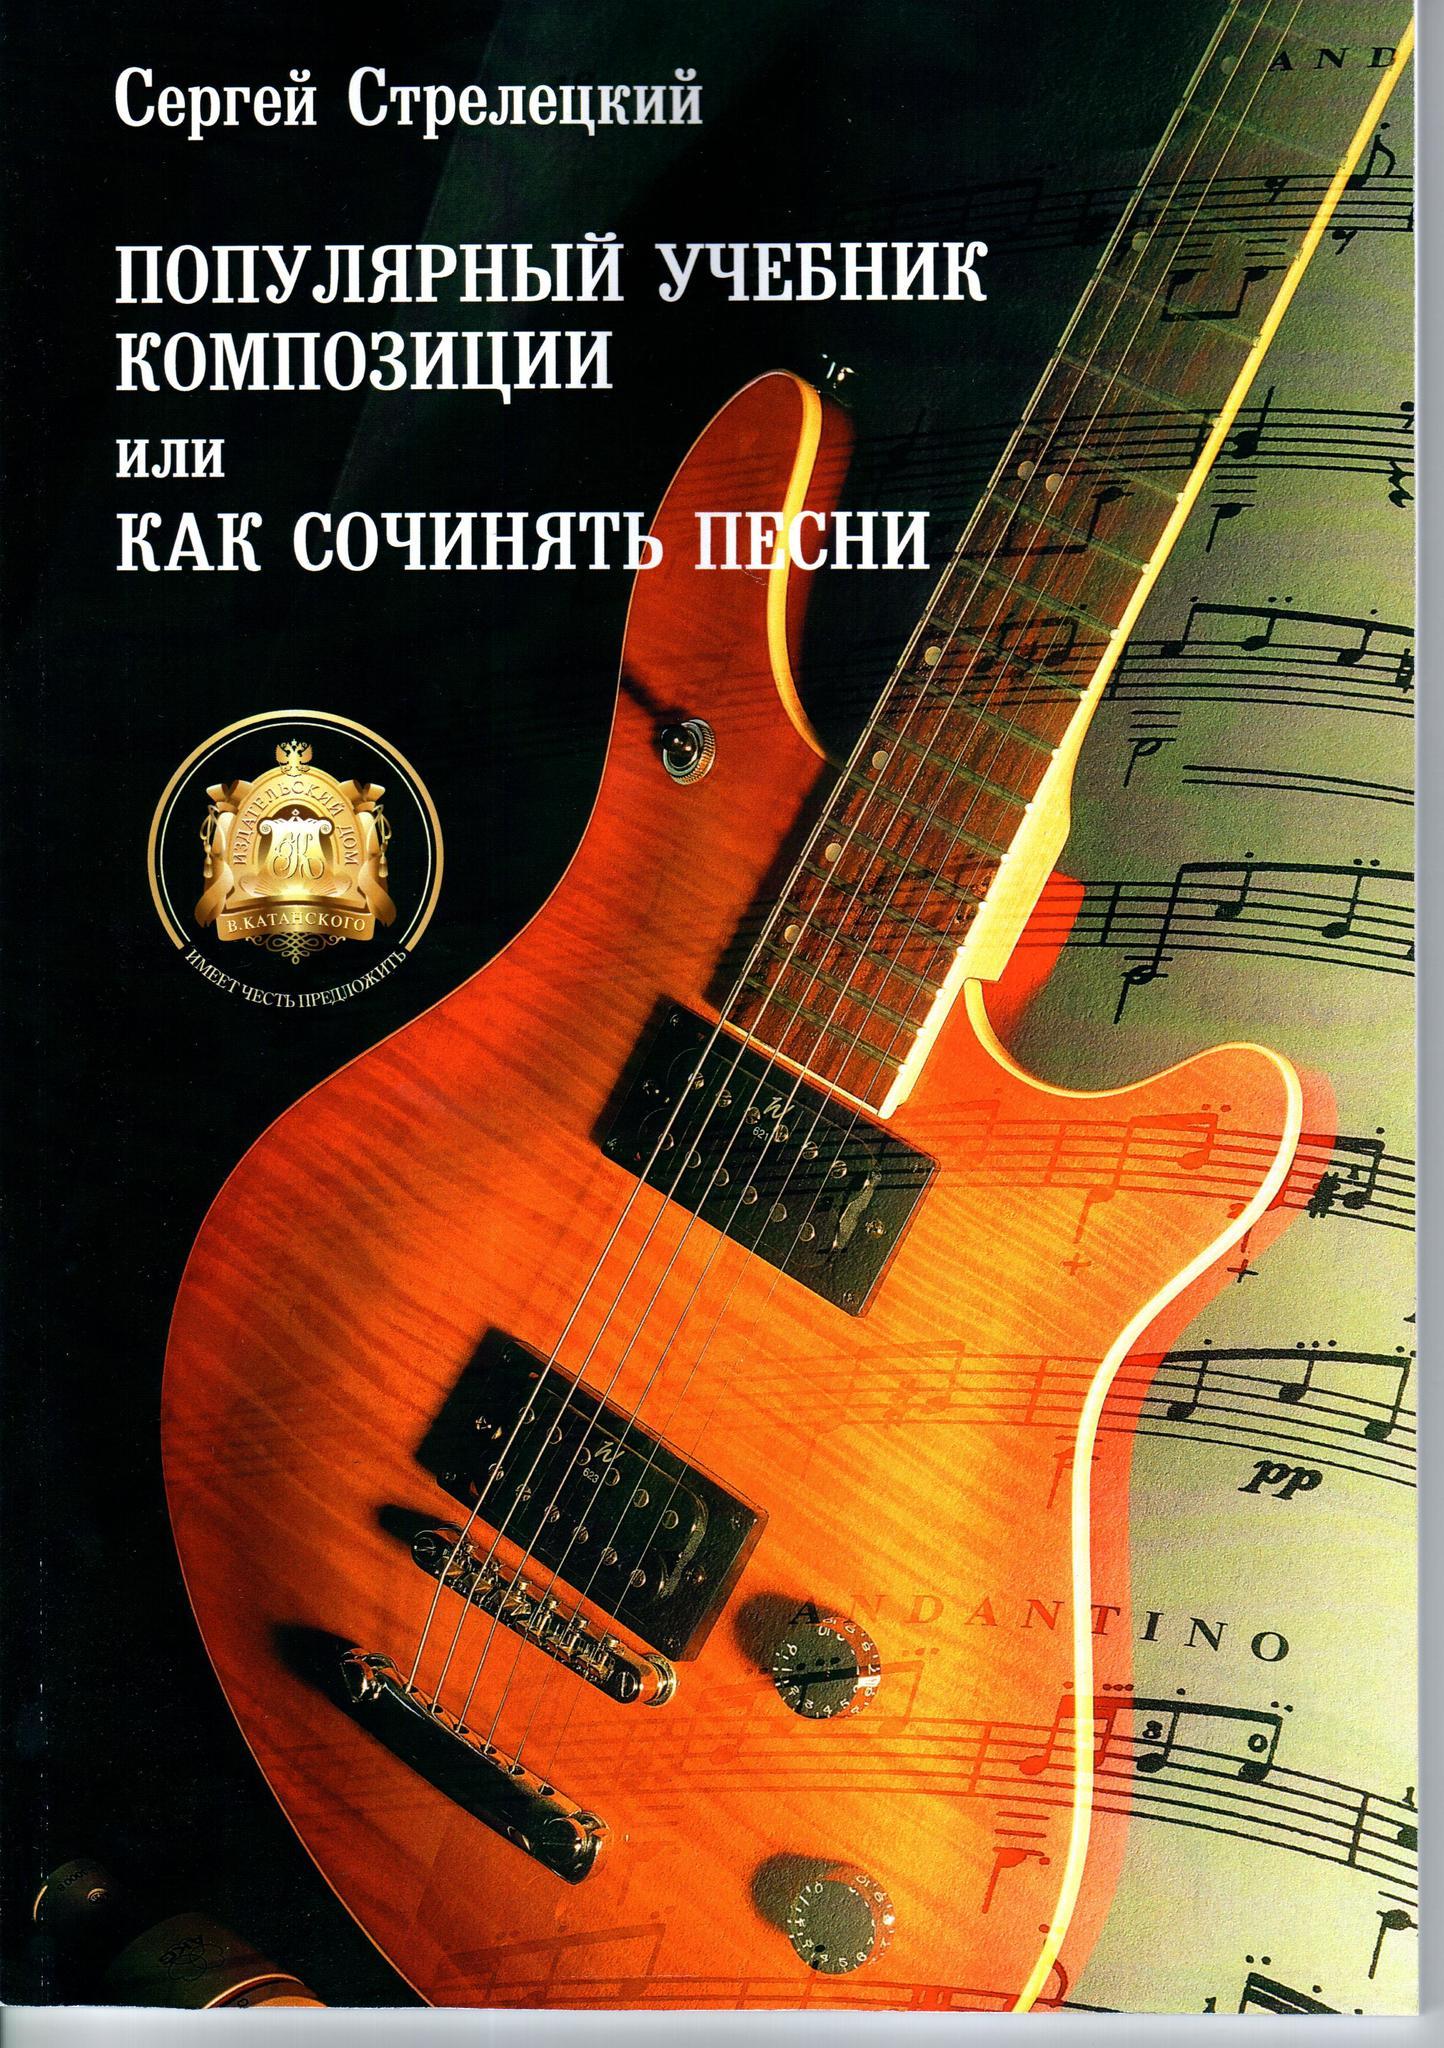 С. Стрелецкий. Популярный учебник композиции или Как сочинять песни